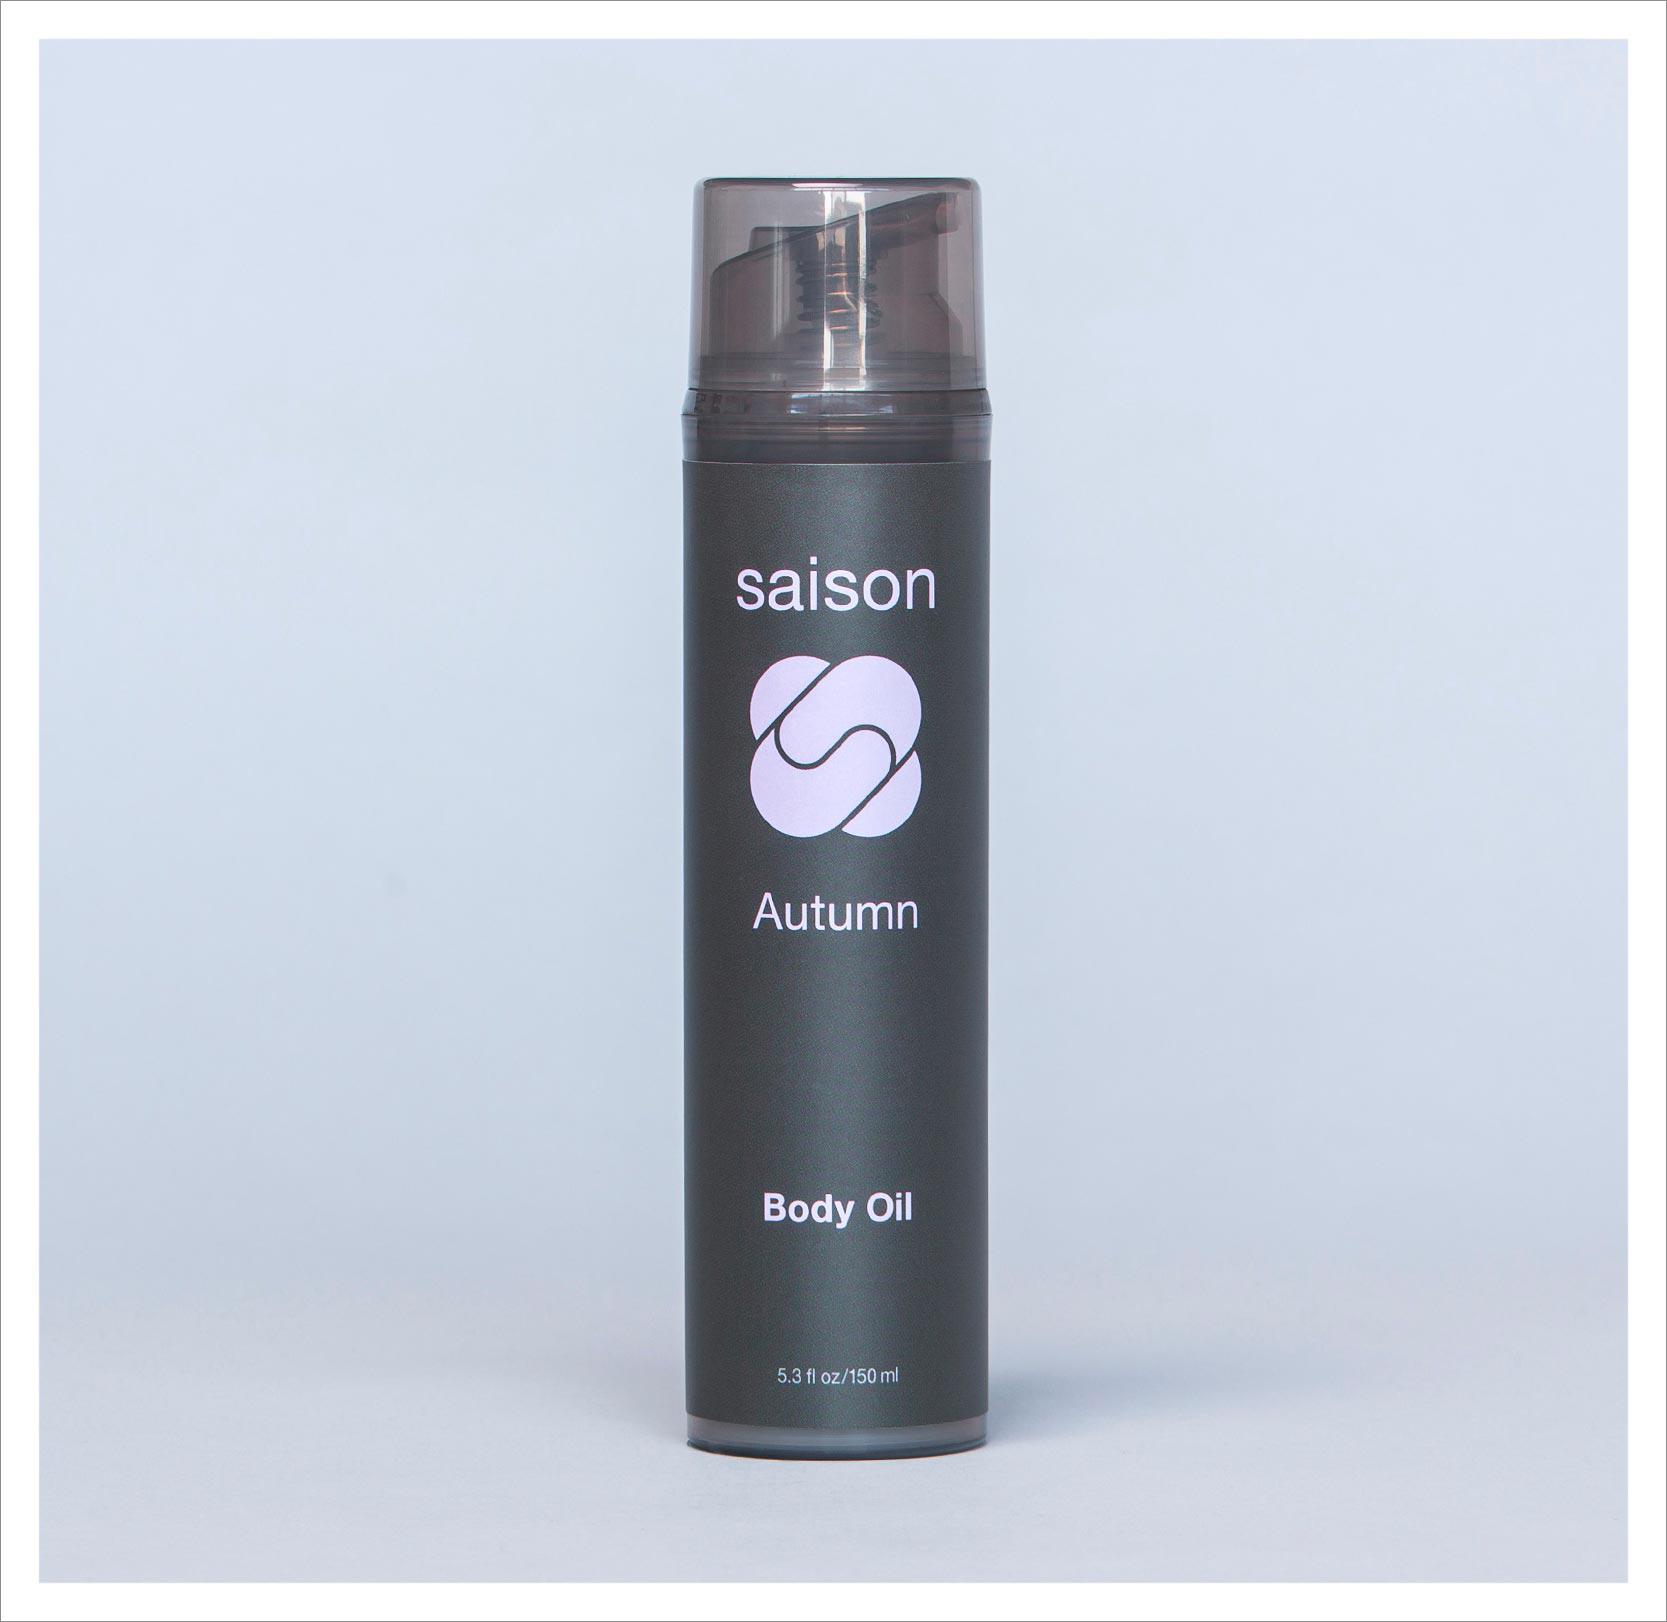 Saison Autumn Body Oil